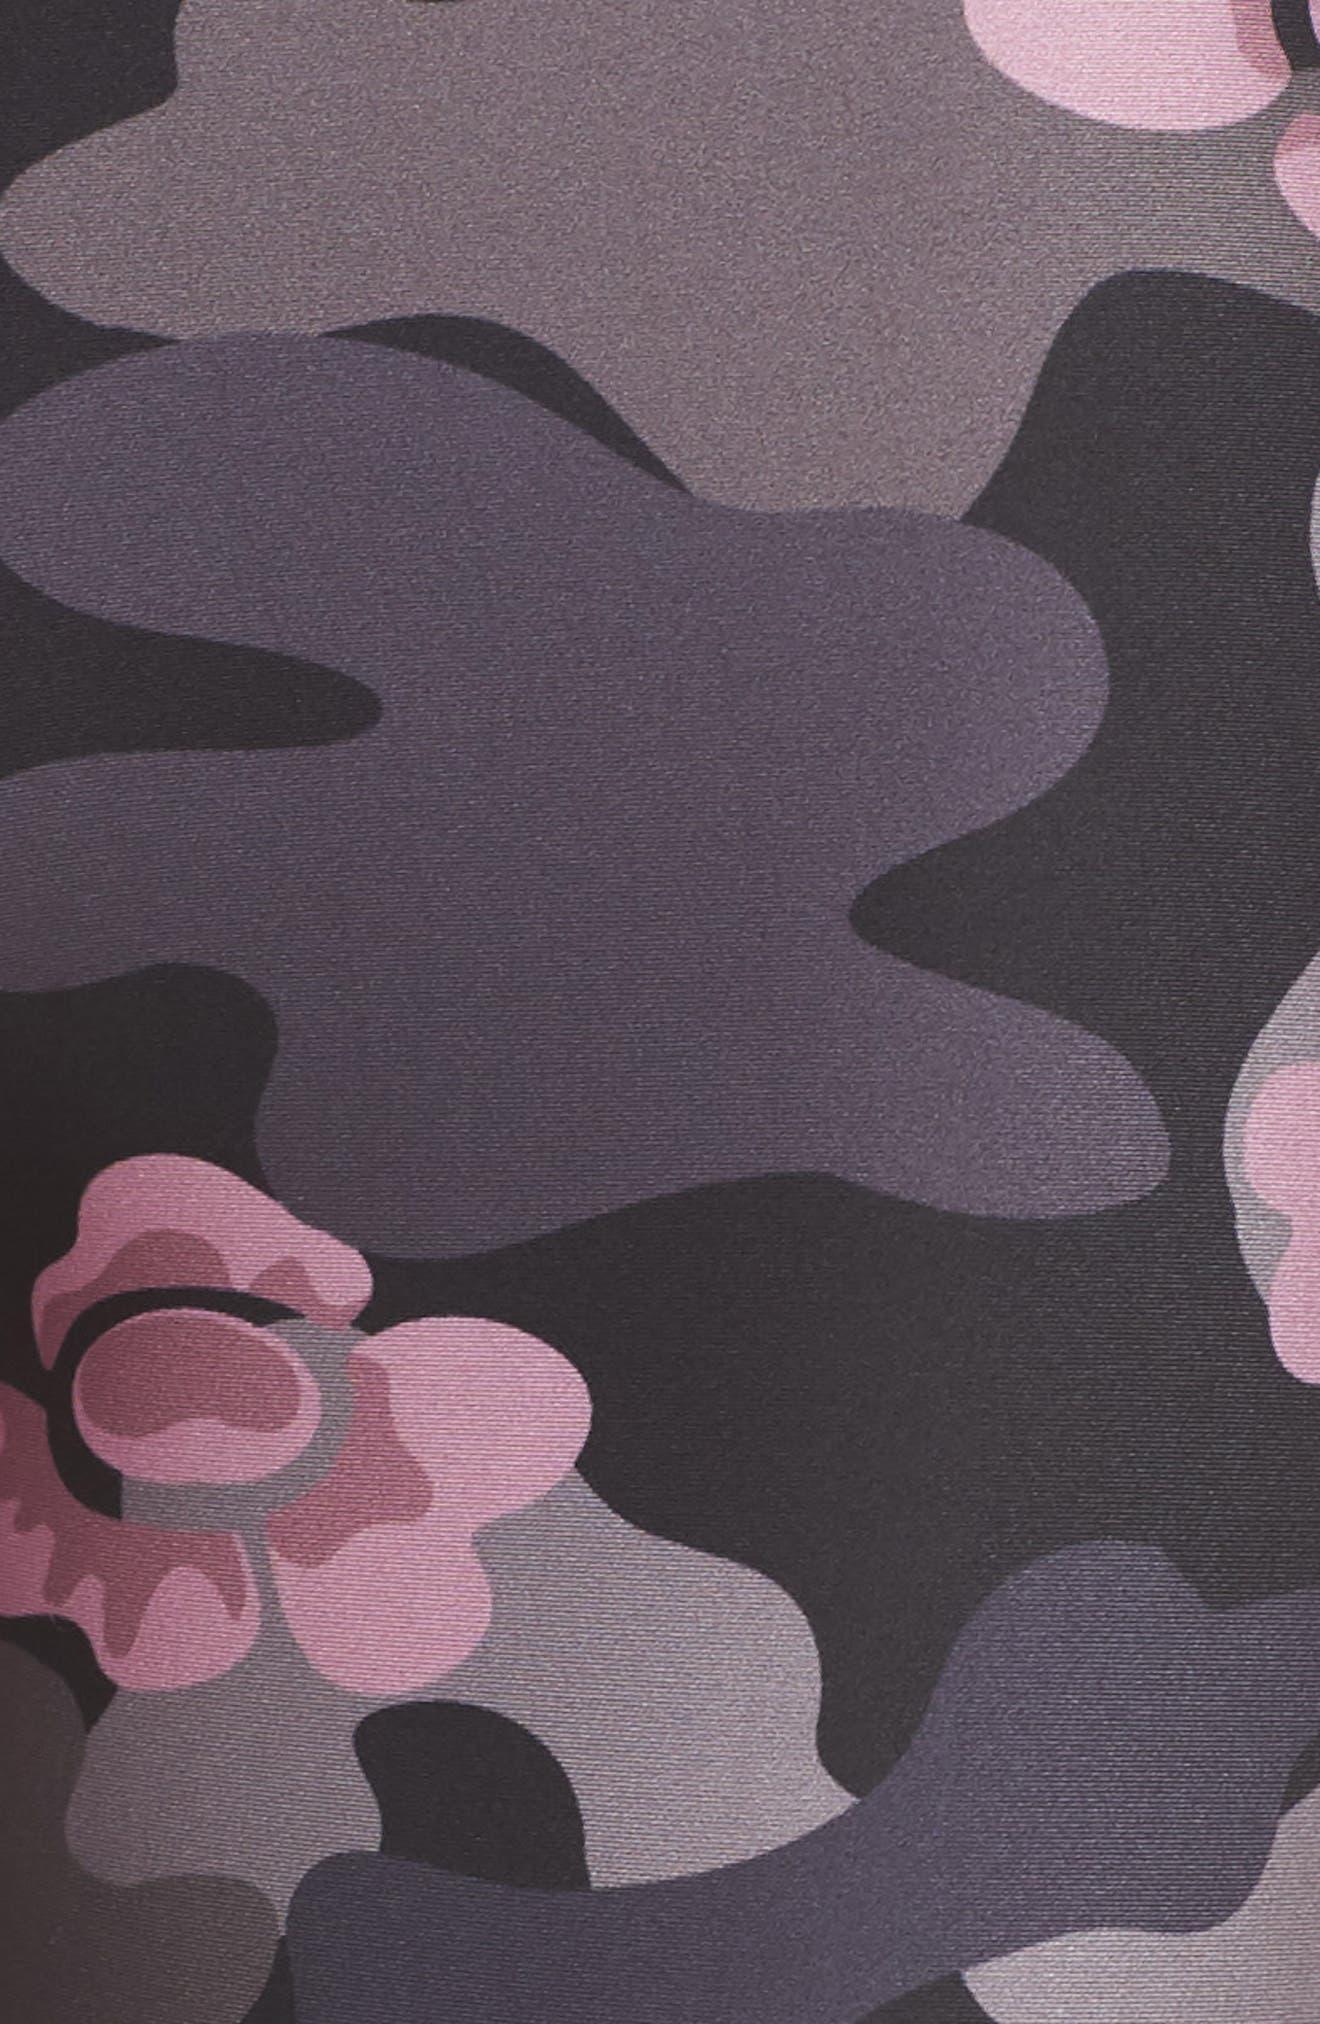 ULTRACOR,                             Ultra High Flower Camo Leggings,                             Alternate thumbnail 5, color,                             087